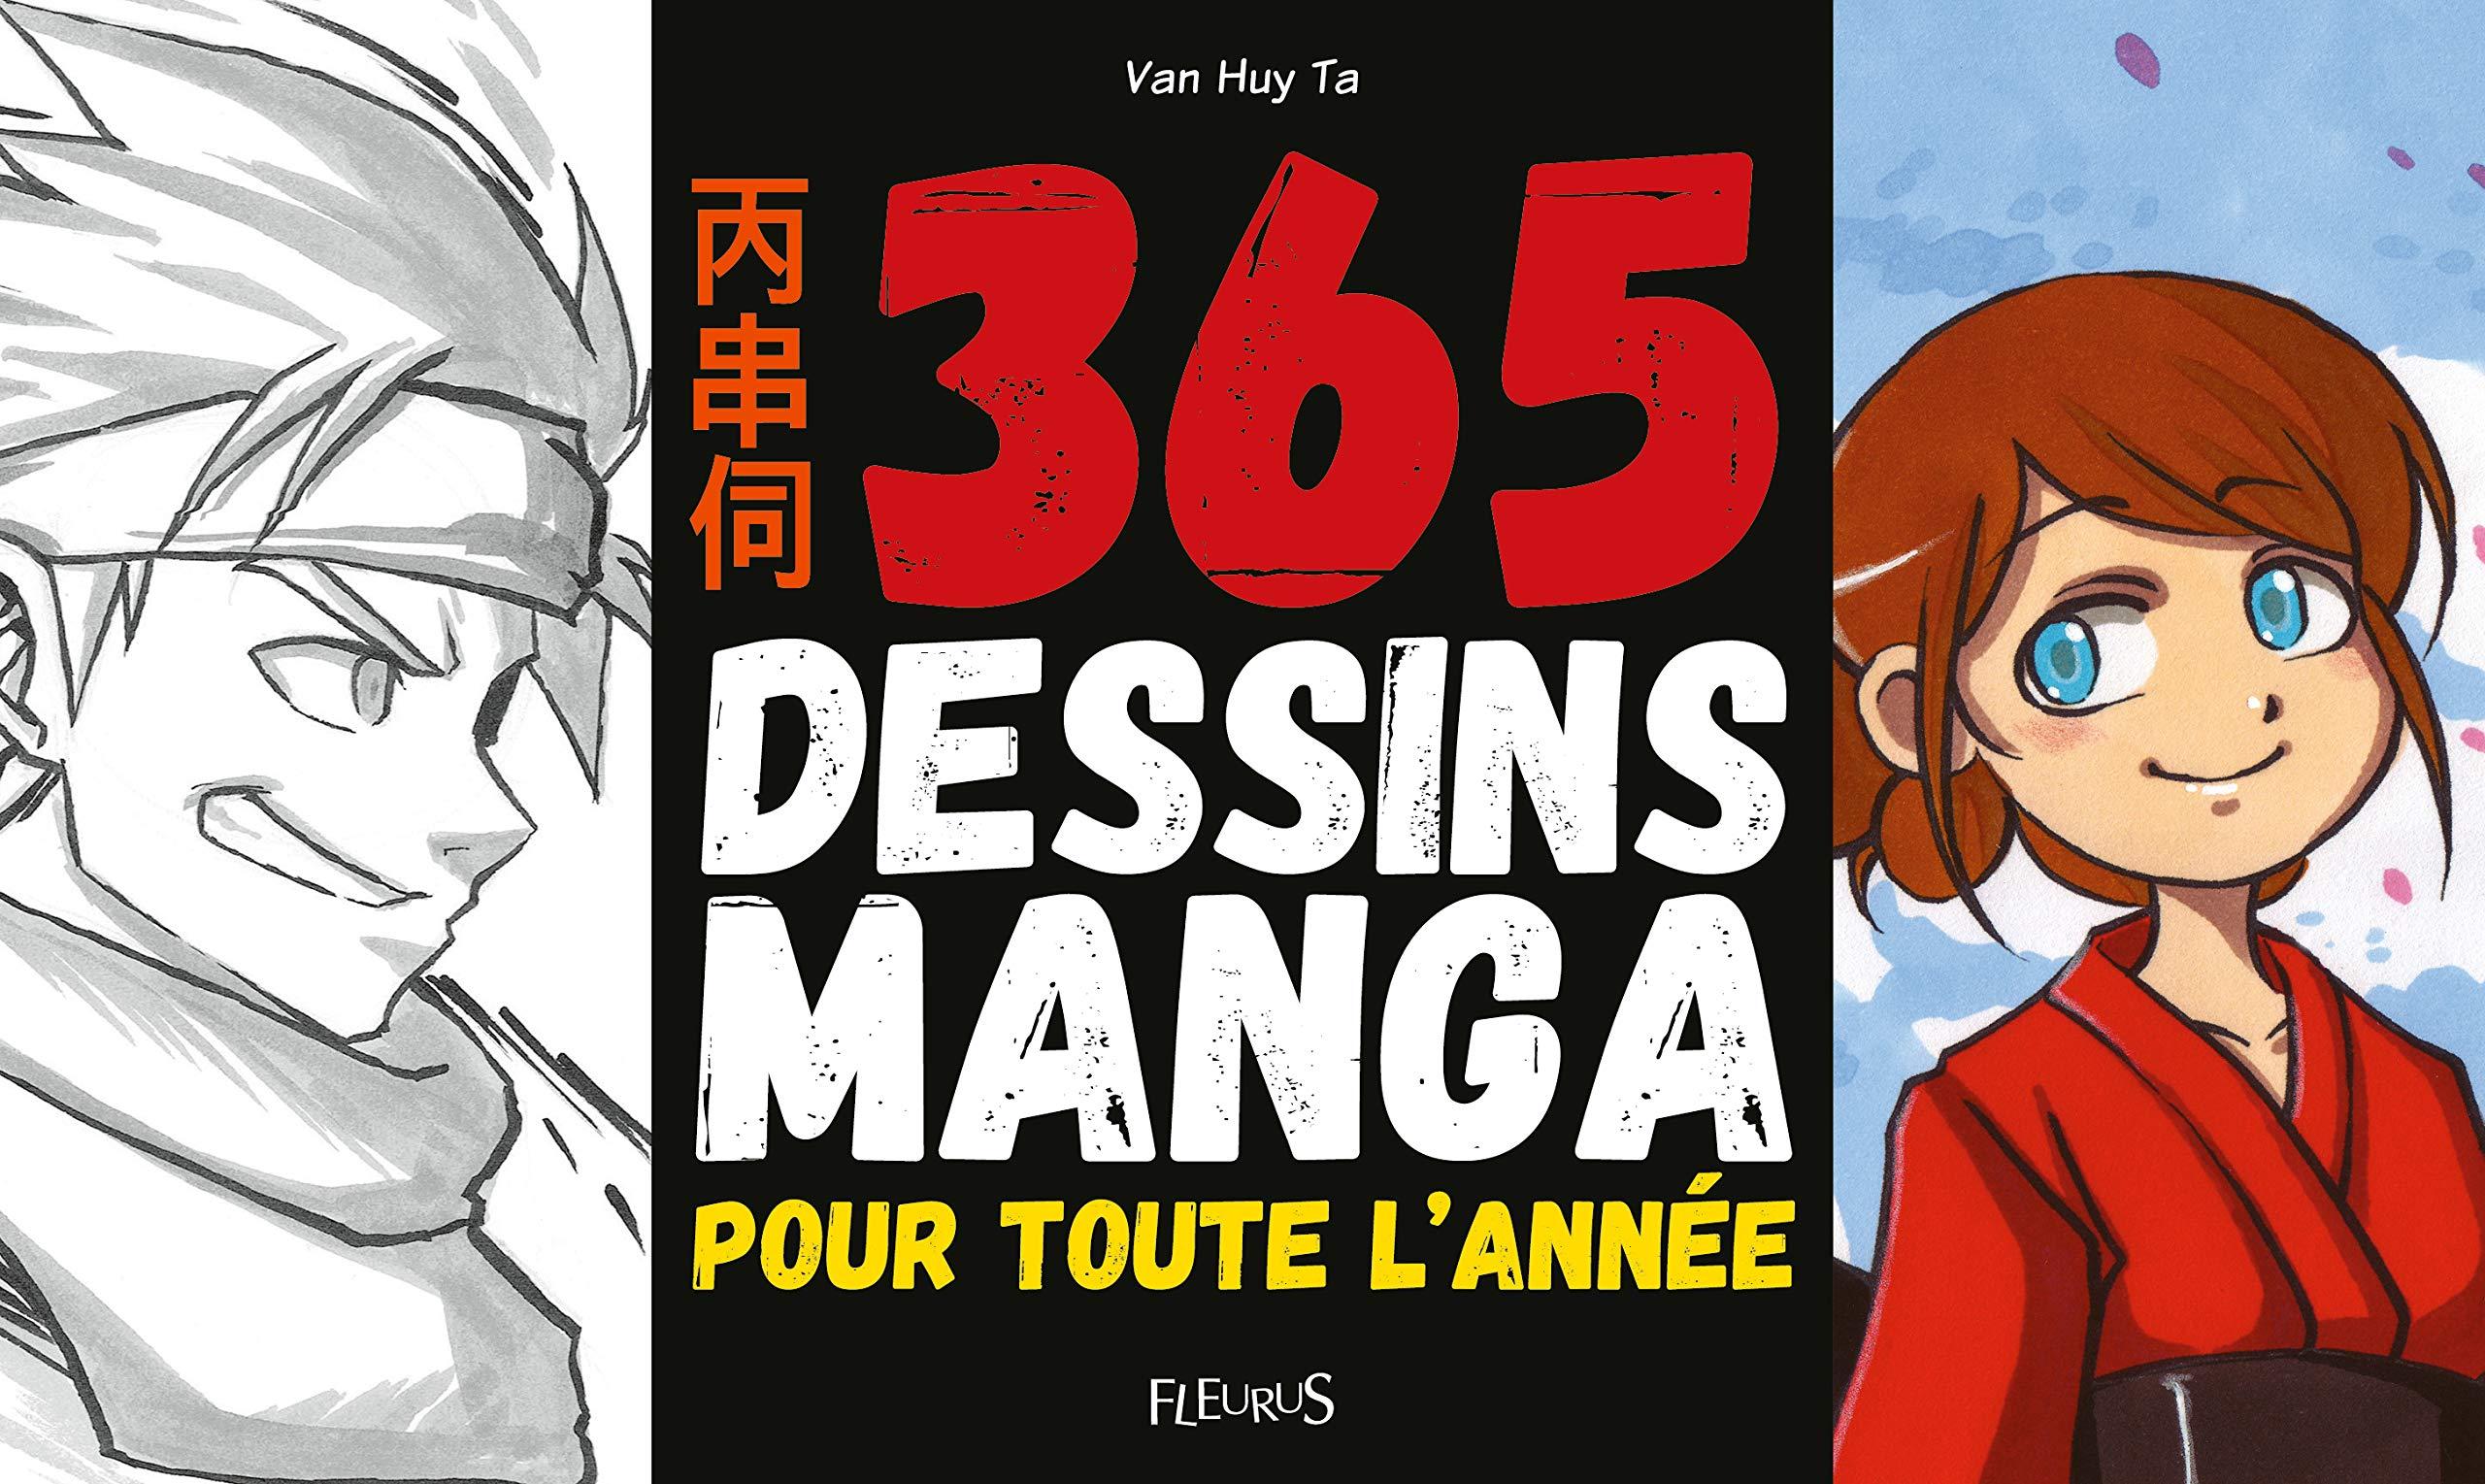 1 dessin par jour pour apprendre à dessiner les mangas   Idées cadeaux insolites